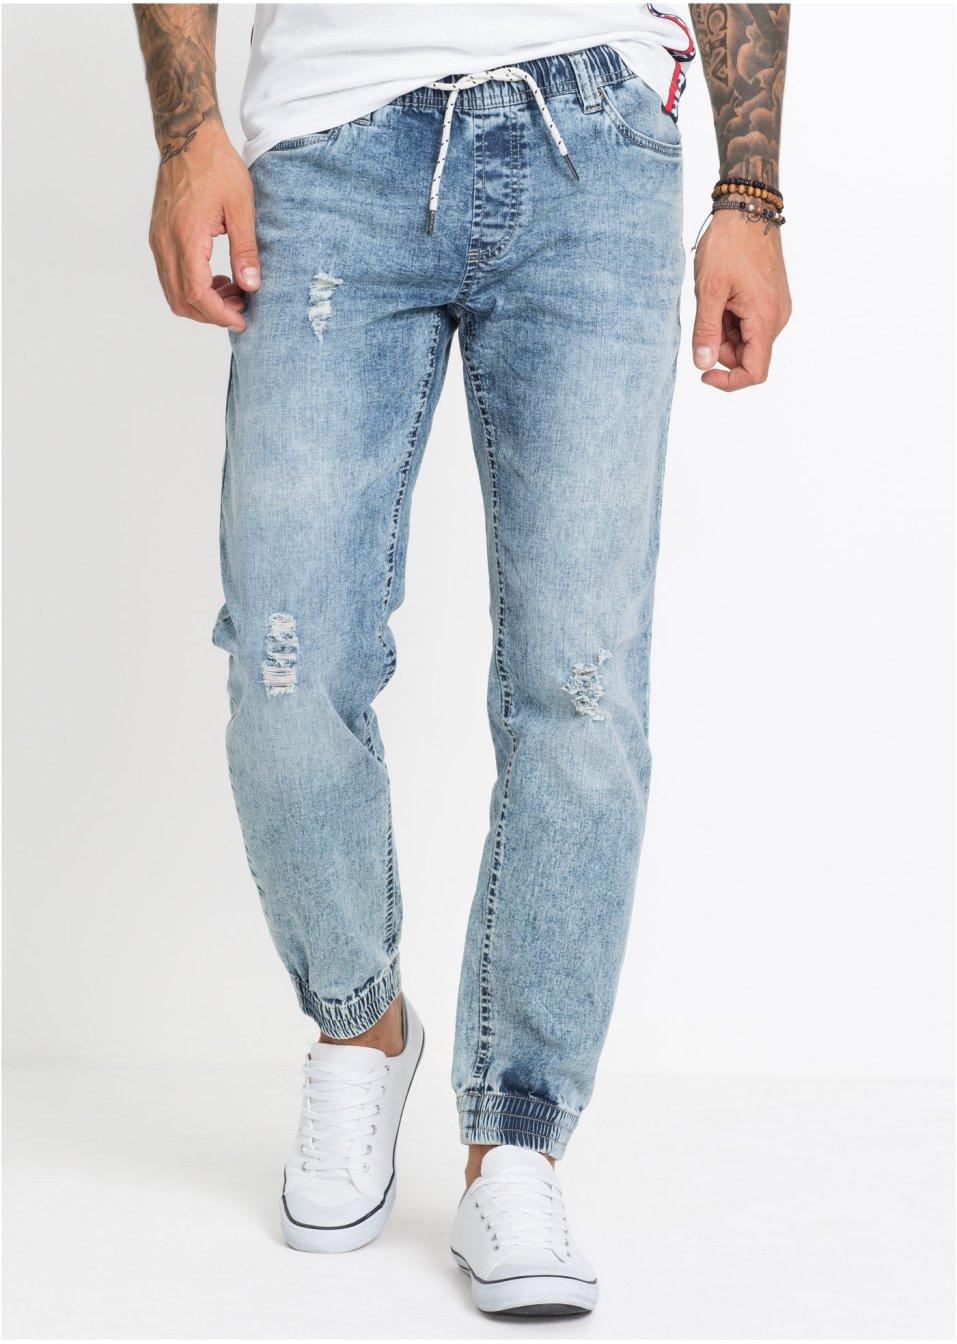 Ausdrucksstarke Schlupf-Jeans mit Bündchen und Used-Effekten - blau 3734913518